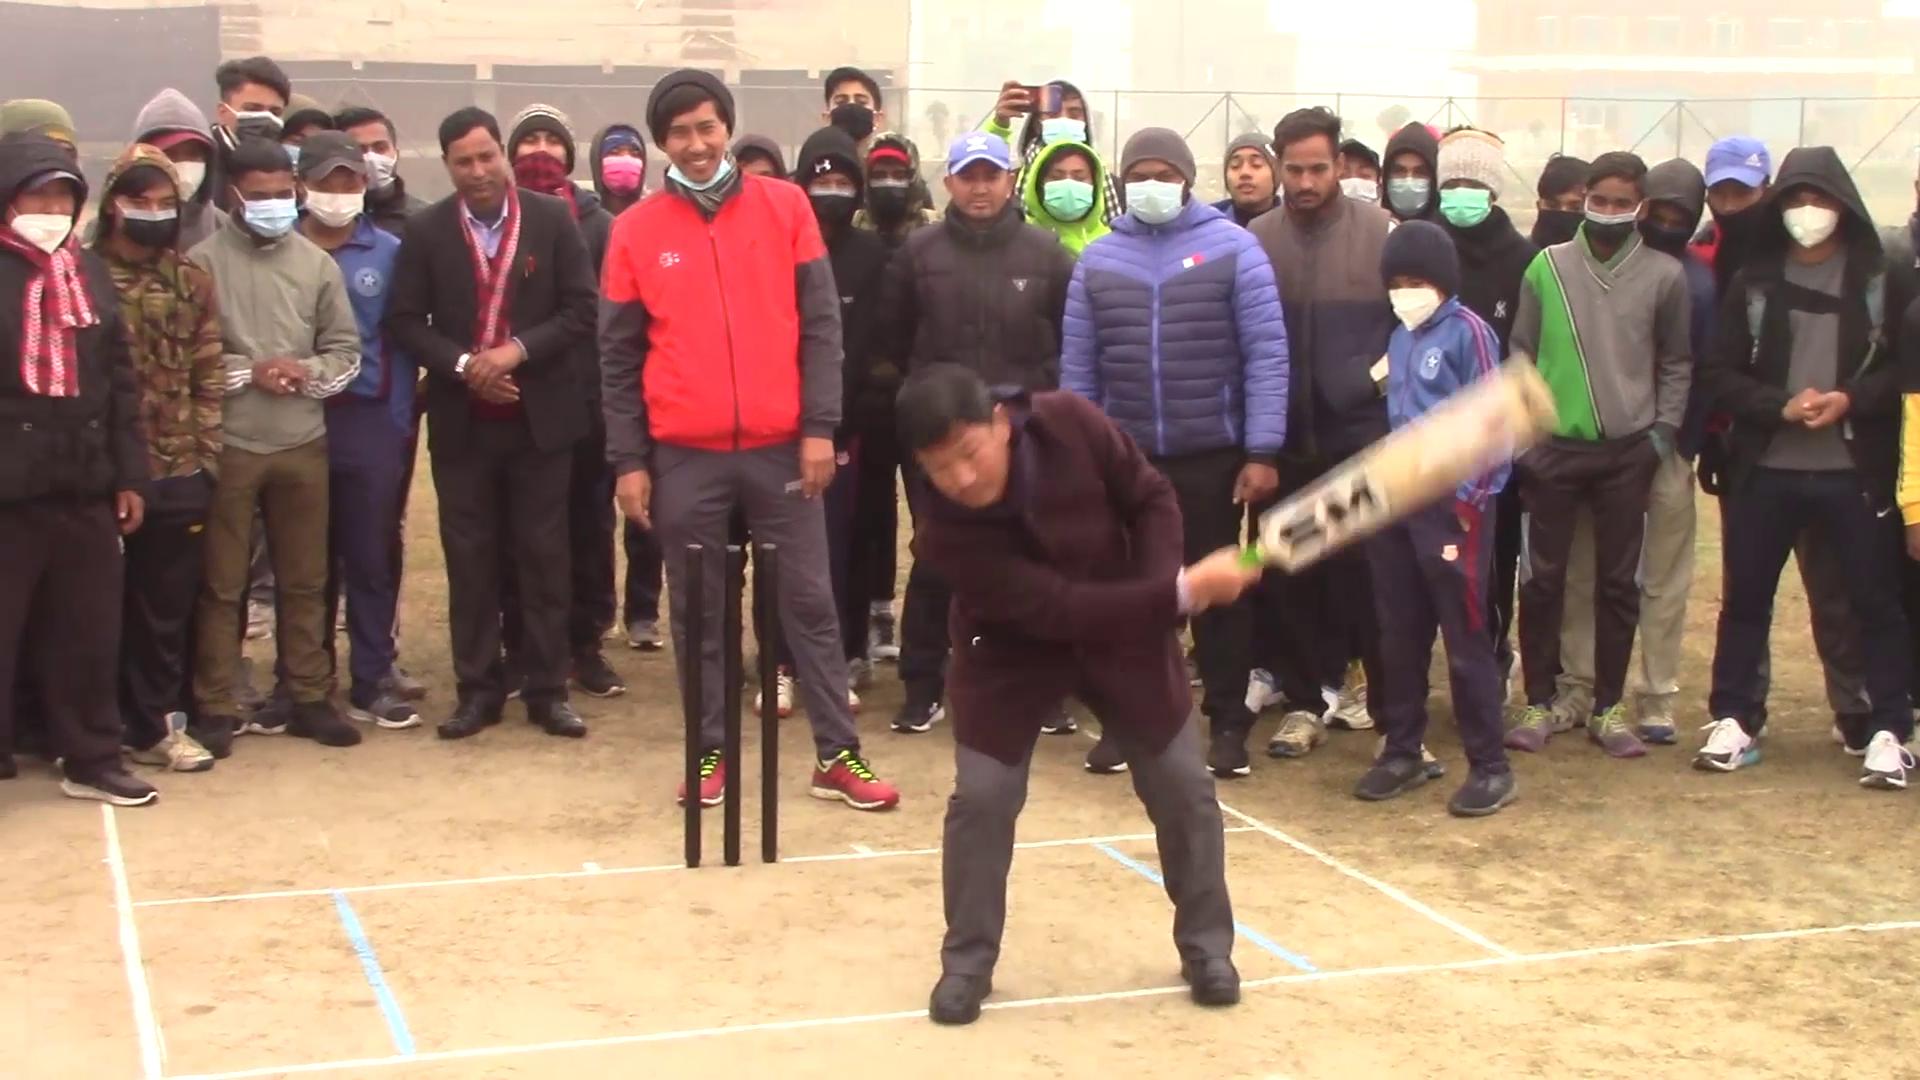 बुवाको स्मृतिमा शक्ति गौचनले शुरु गरे क्रिकेट प्रतियोगिता